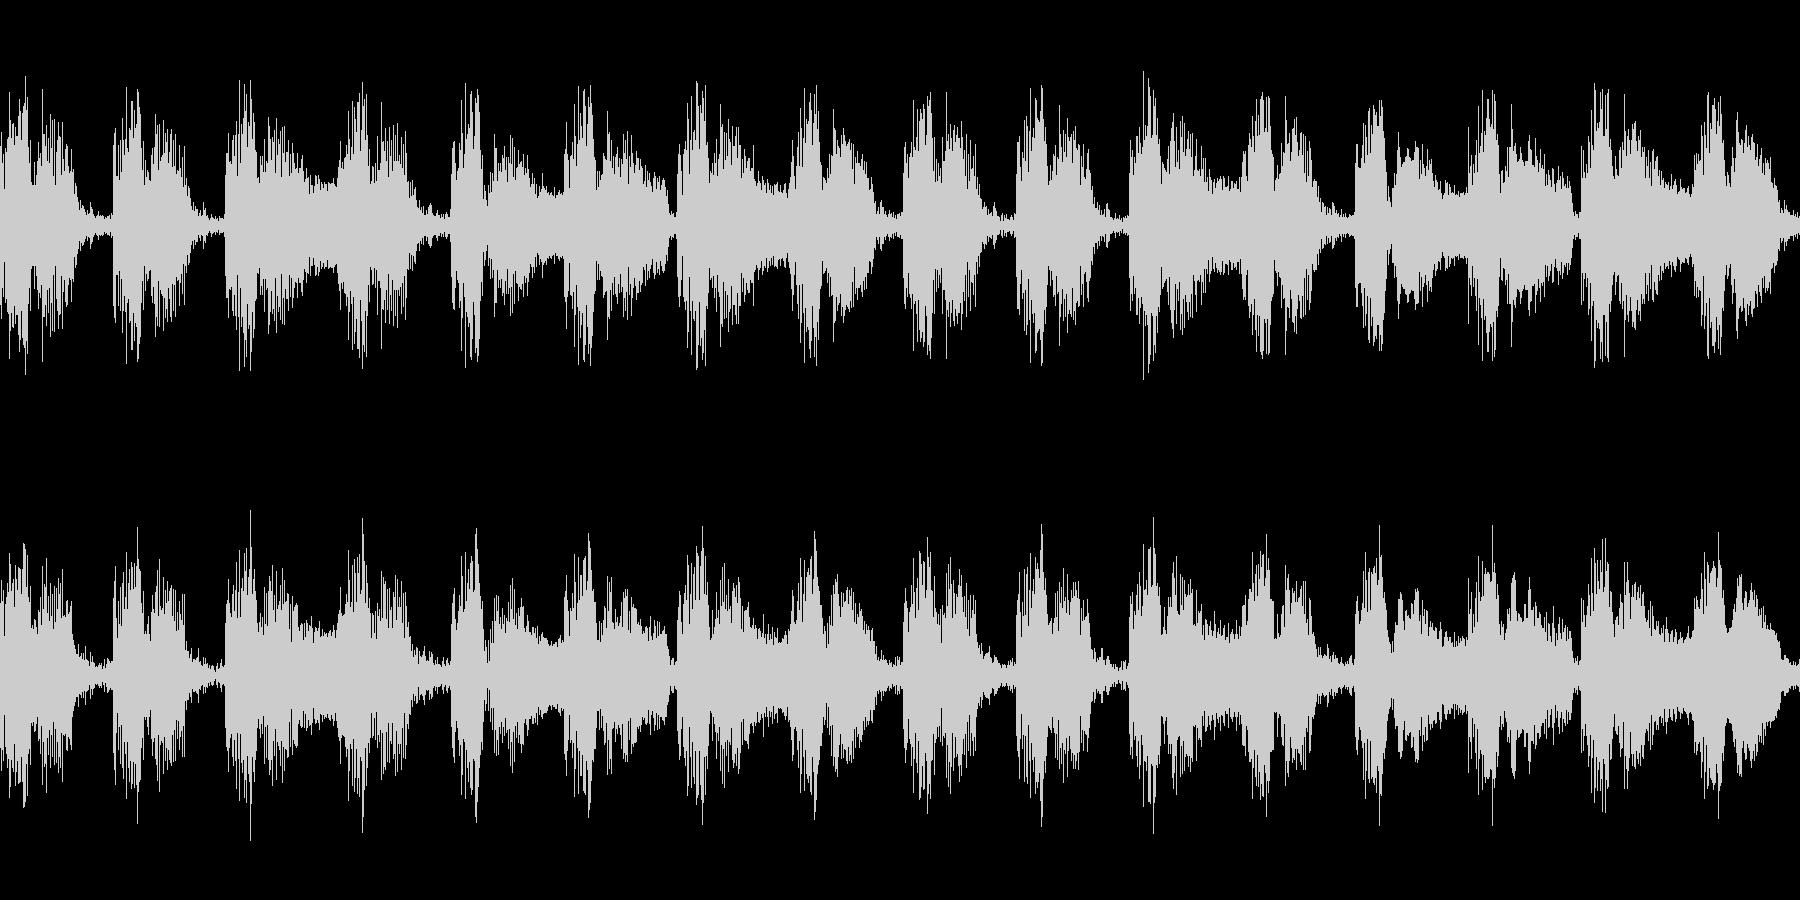 EDM,パーティ、イベント、ループ2の未再生の波形